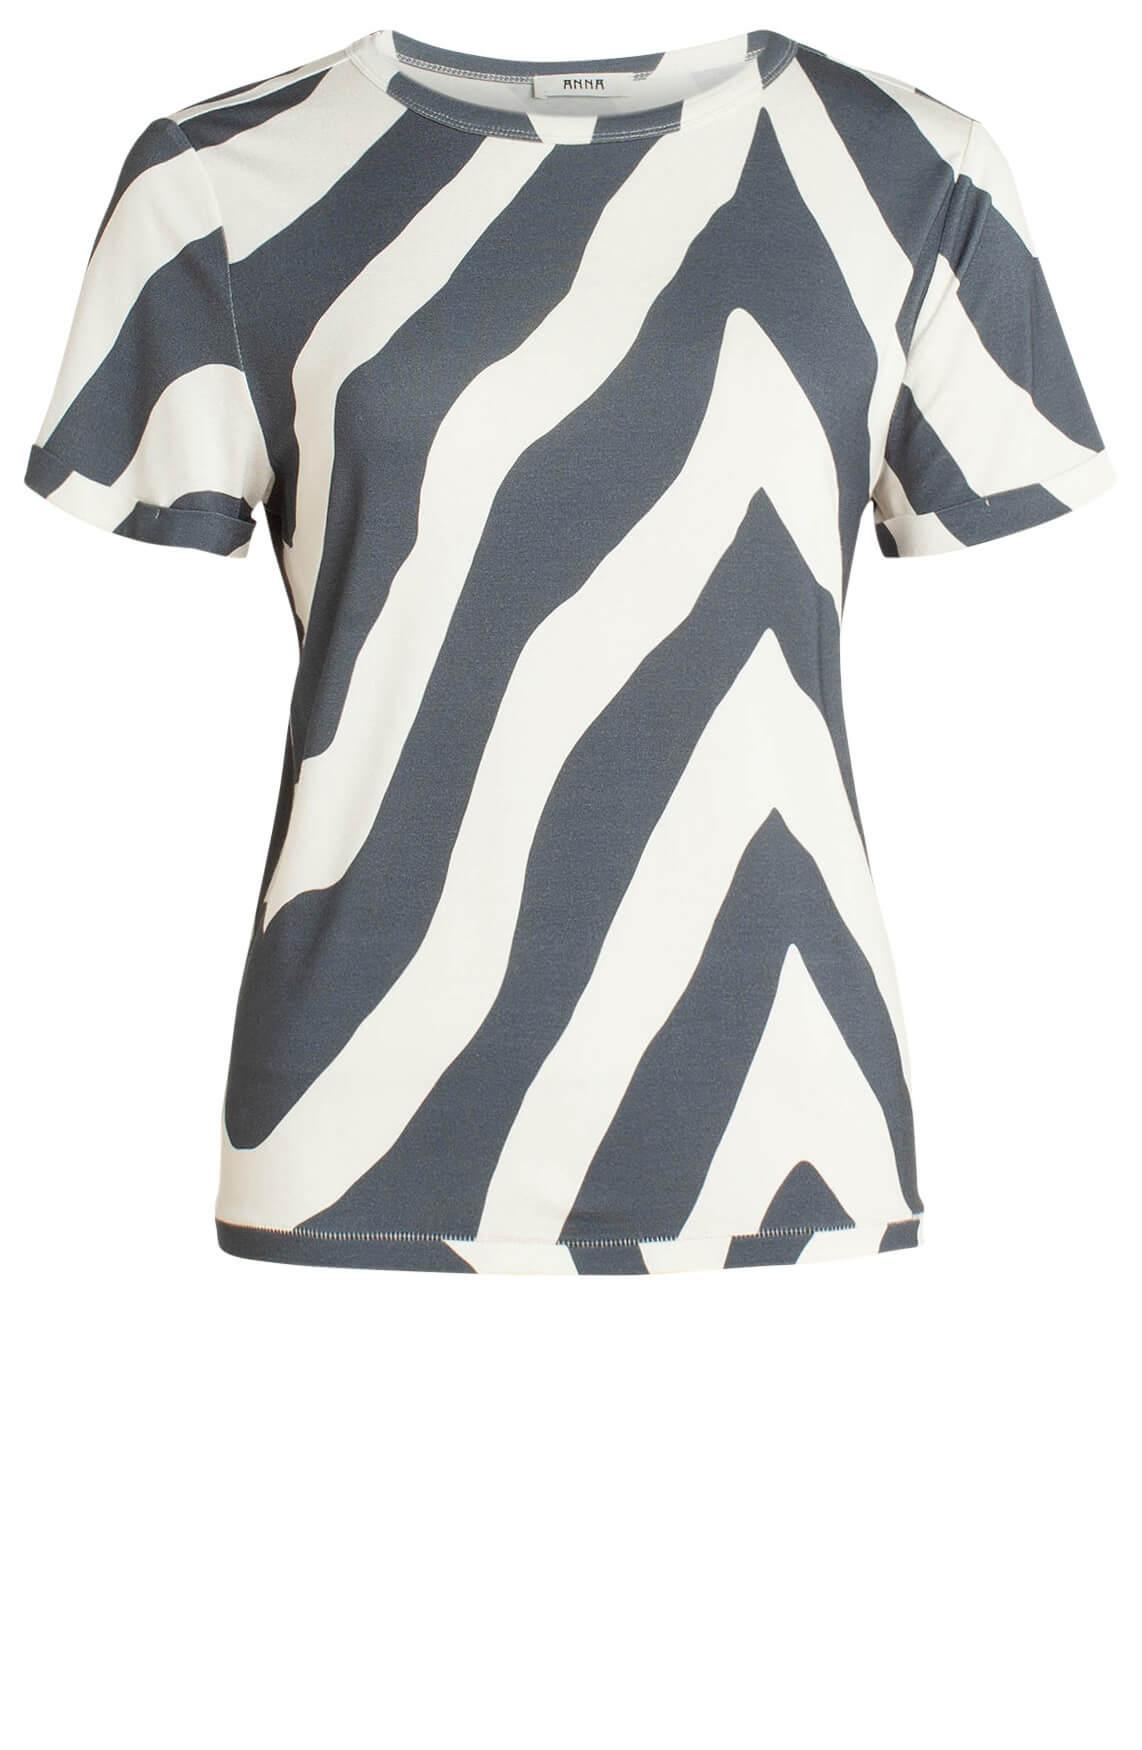 Anna Dames Shirt met streepdessin Grijs